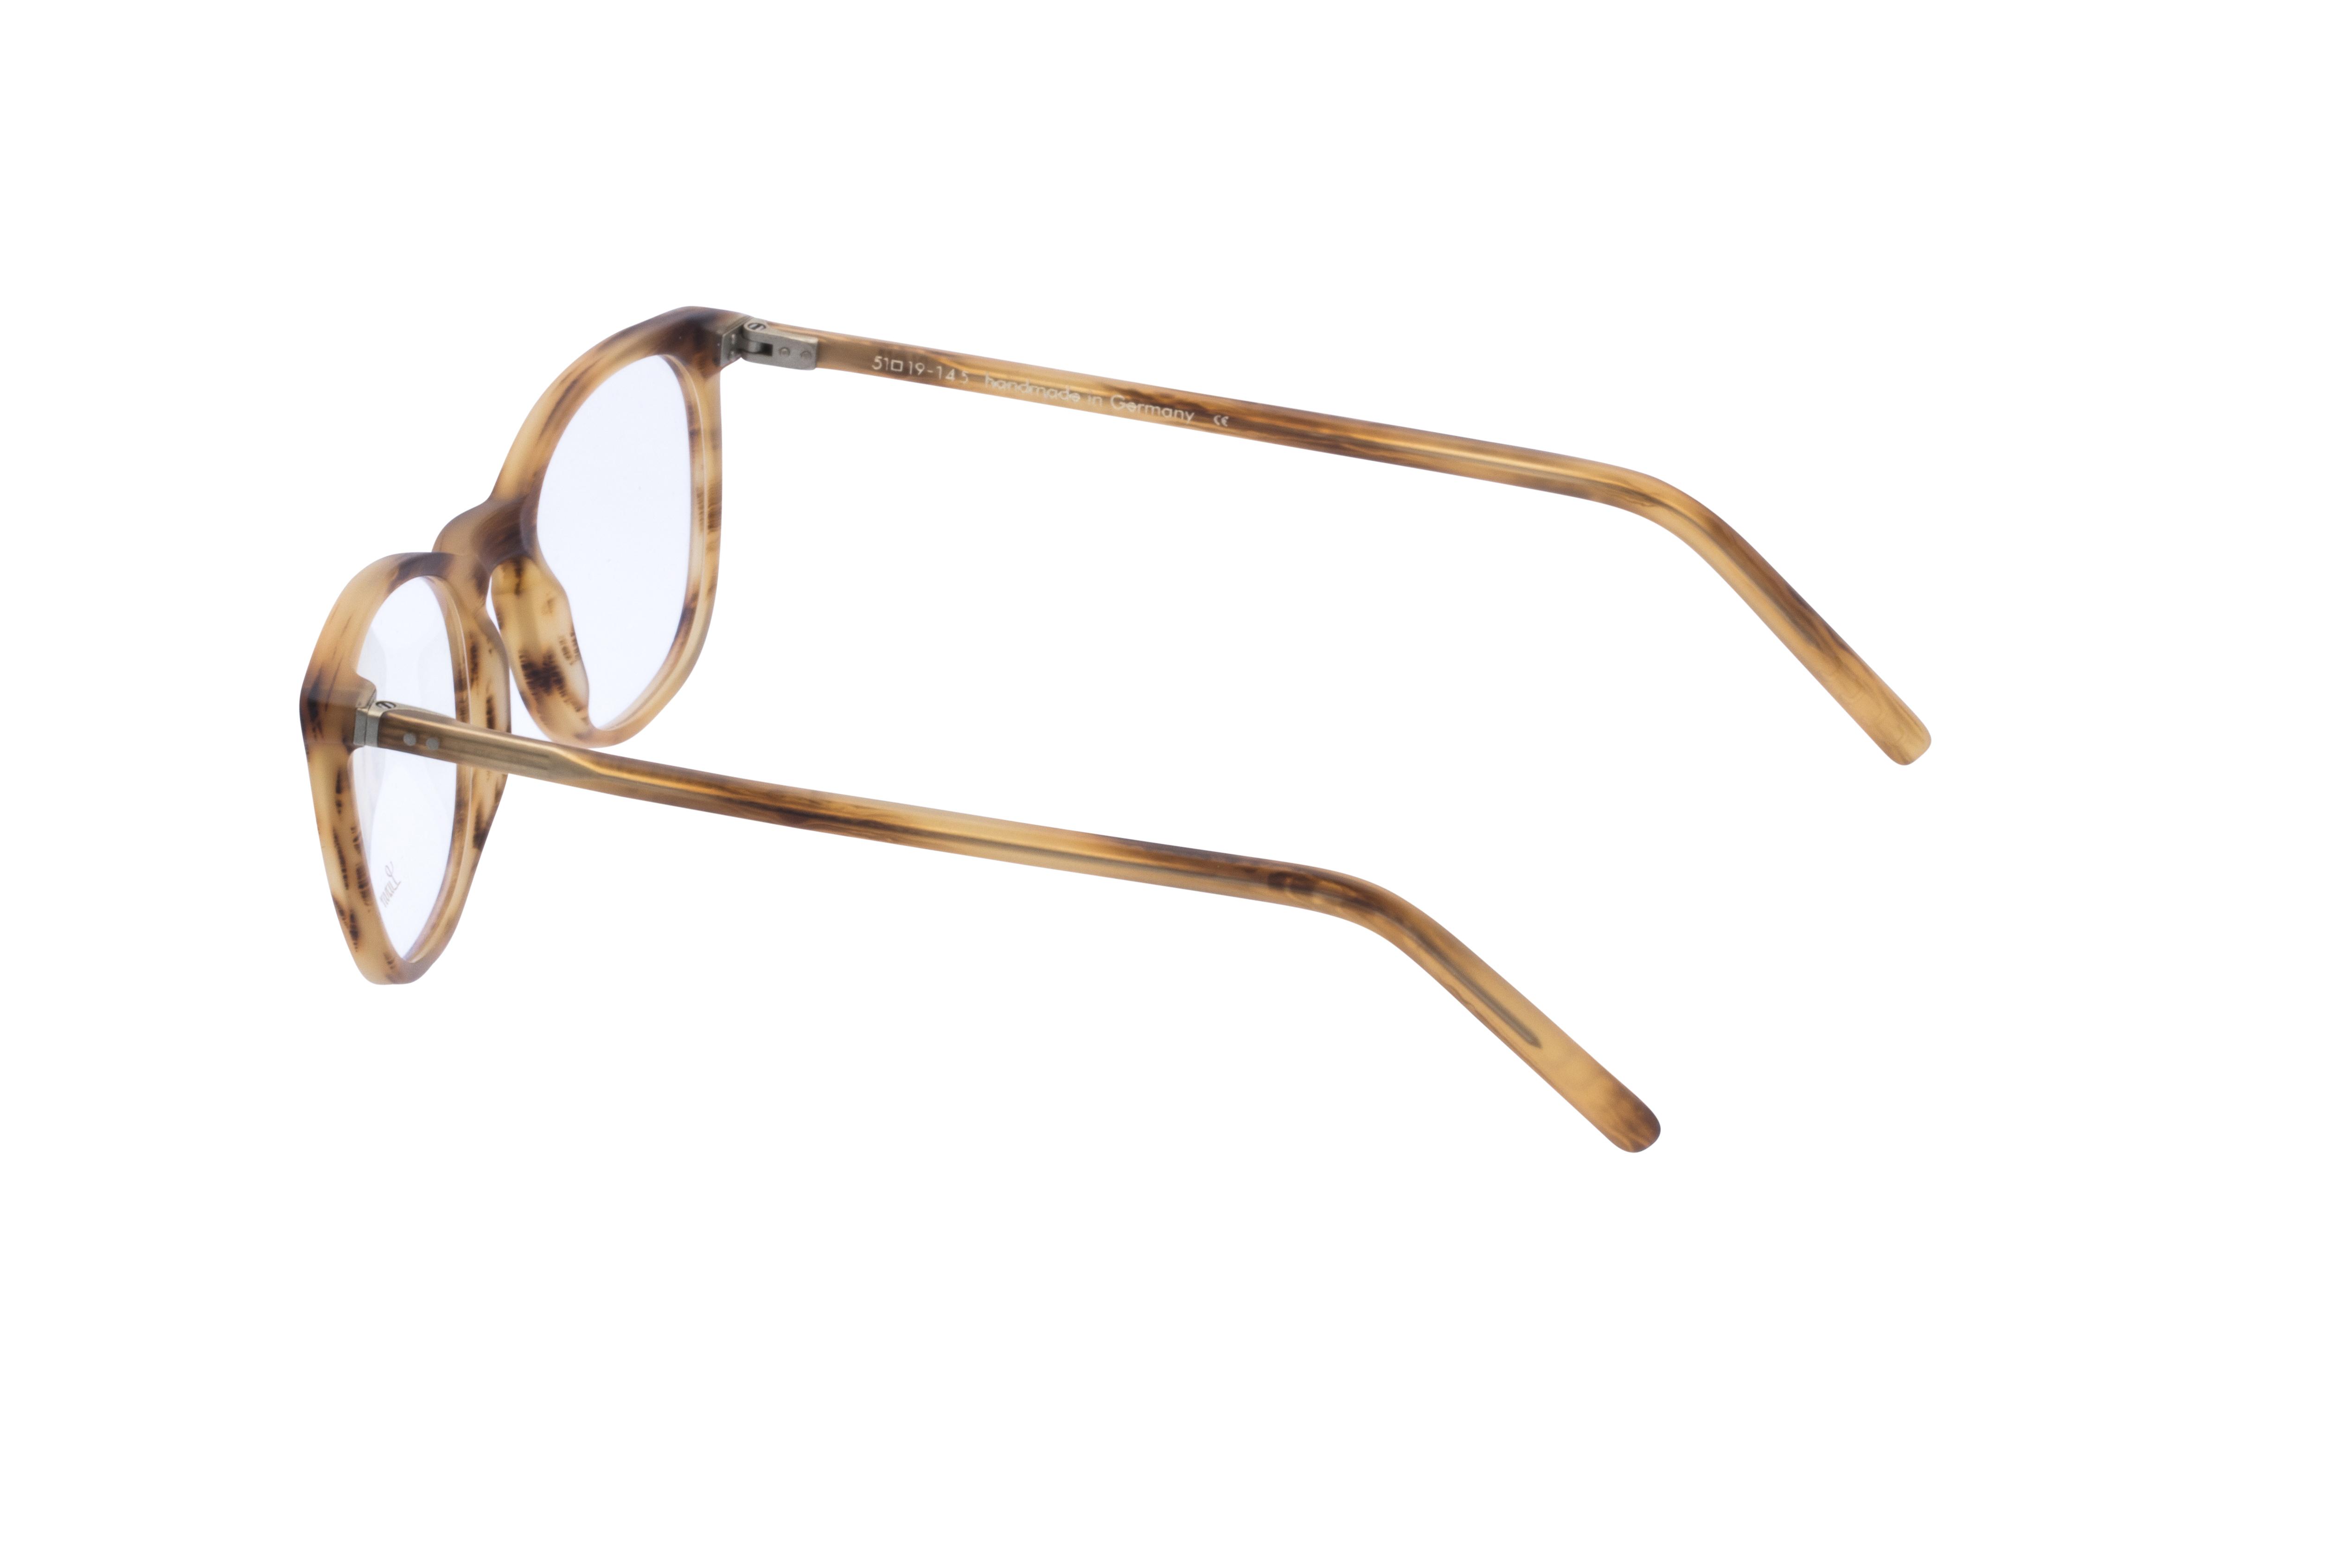 360 Grad Ansicht 17 Lunor 312, Brille auf Weiß - Fassung bei KUNK